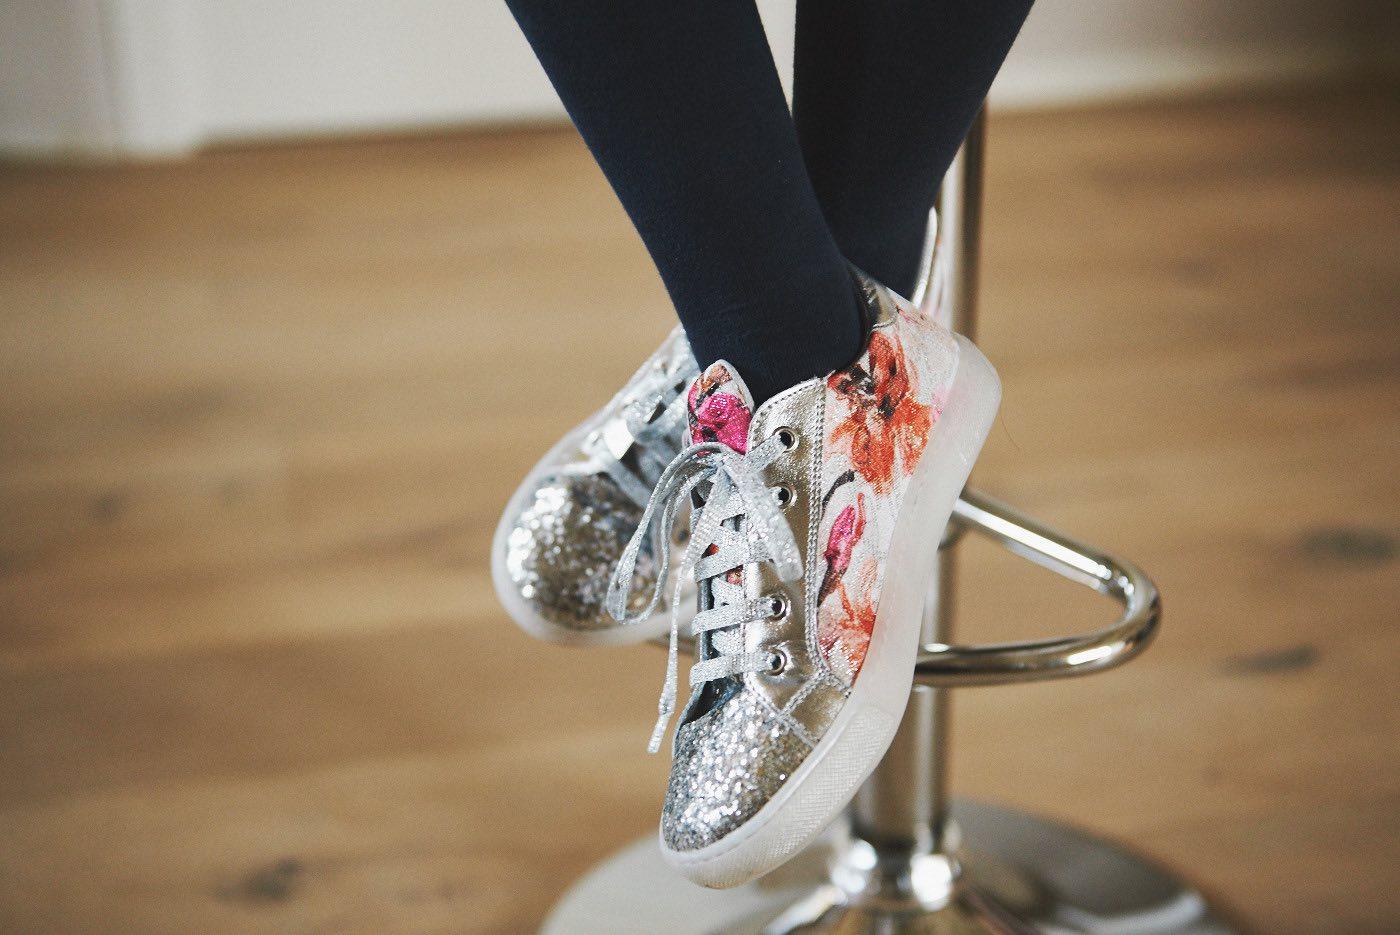 la moda bambina per la primavera e come vestire i bambini sneakers Naturino